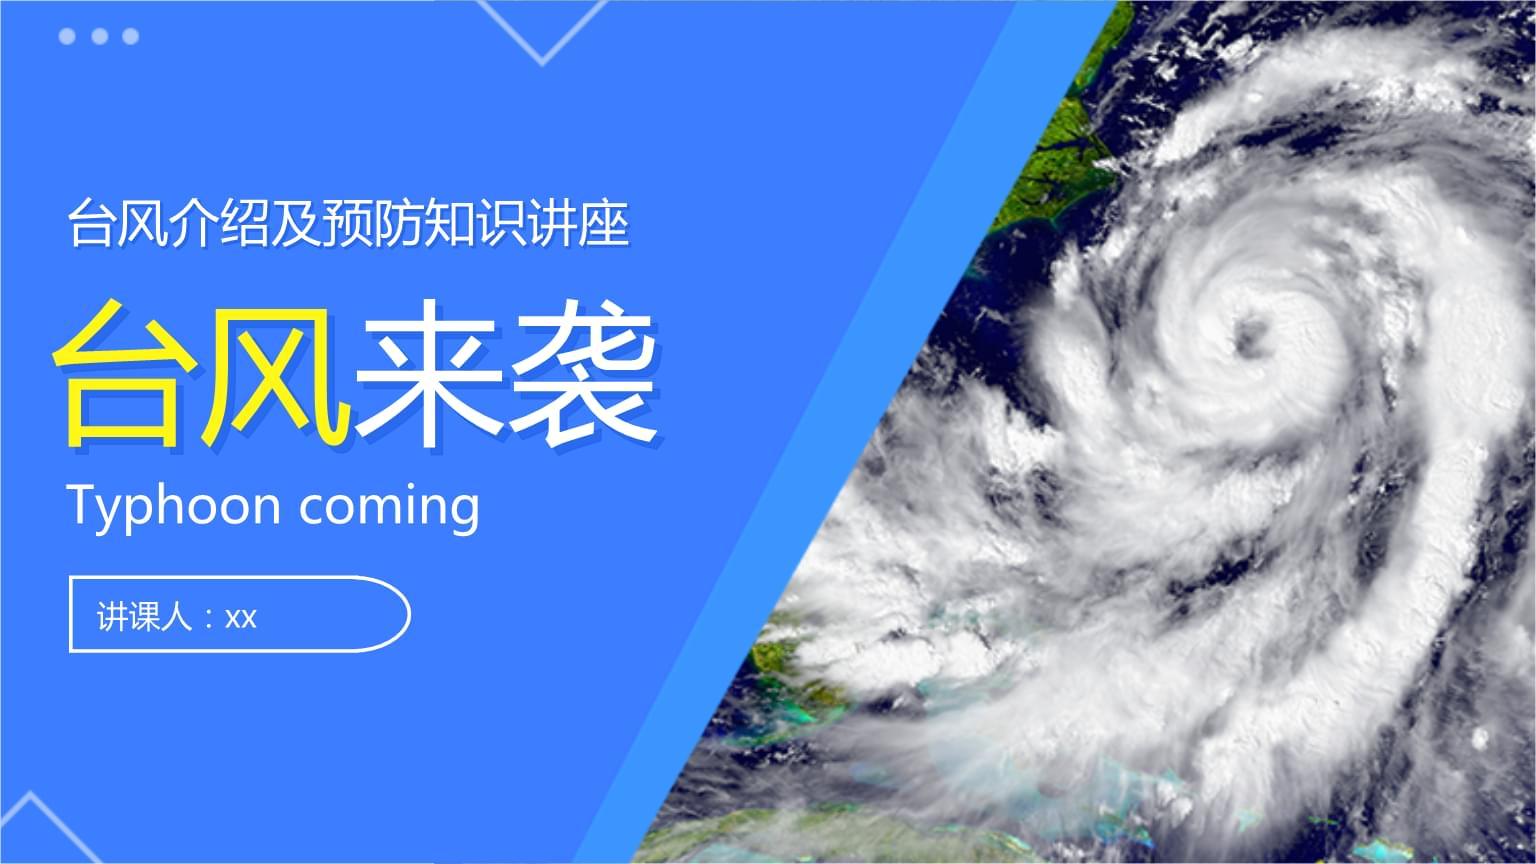 蓝色台风介绍及预防知识讲座PPT模版.pptx